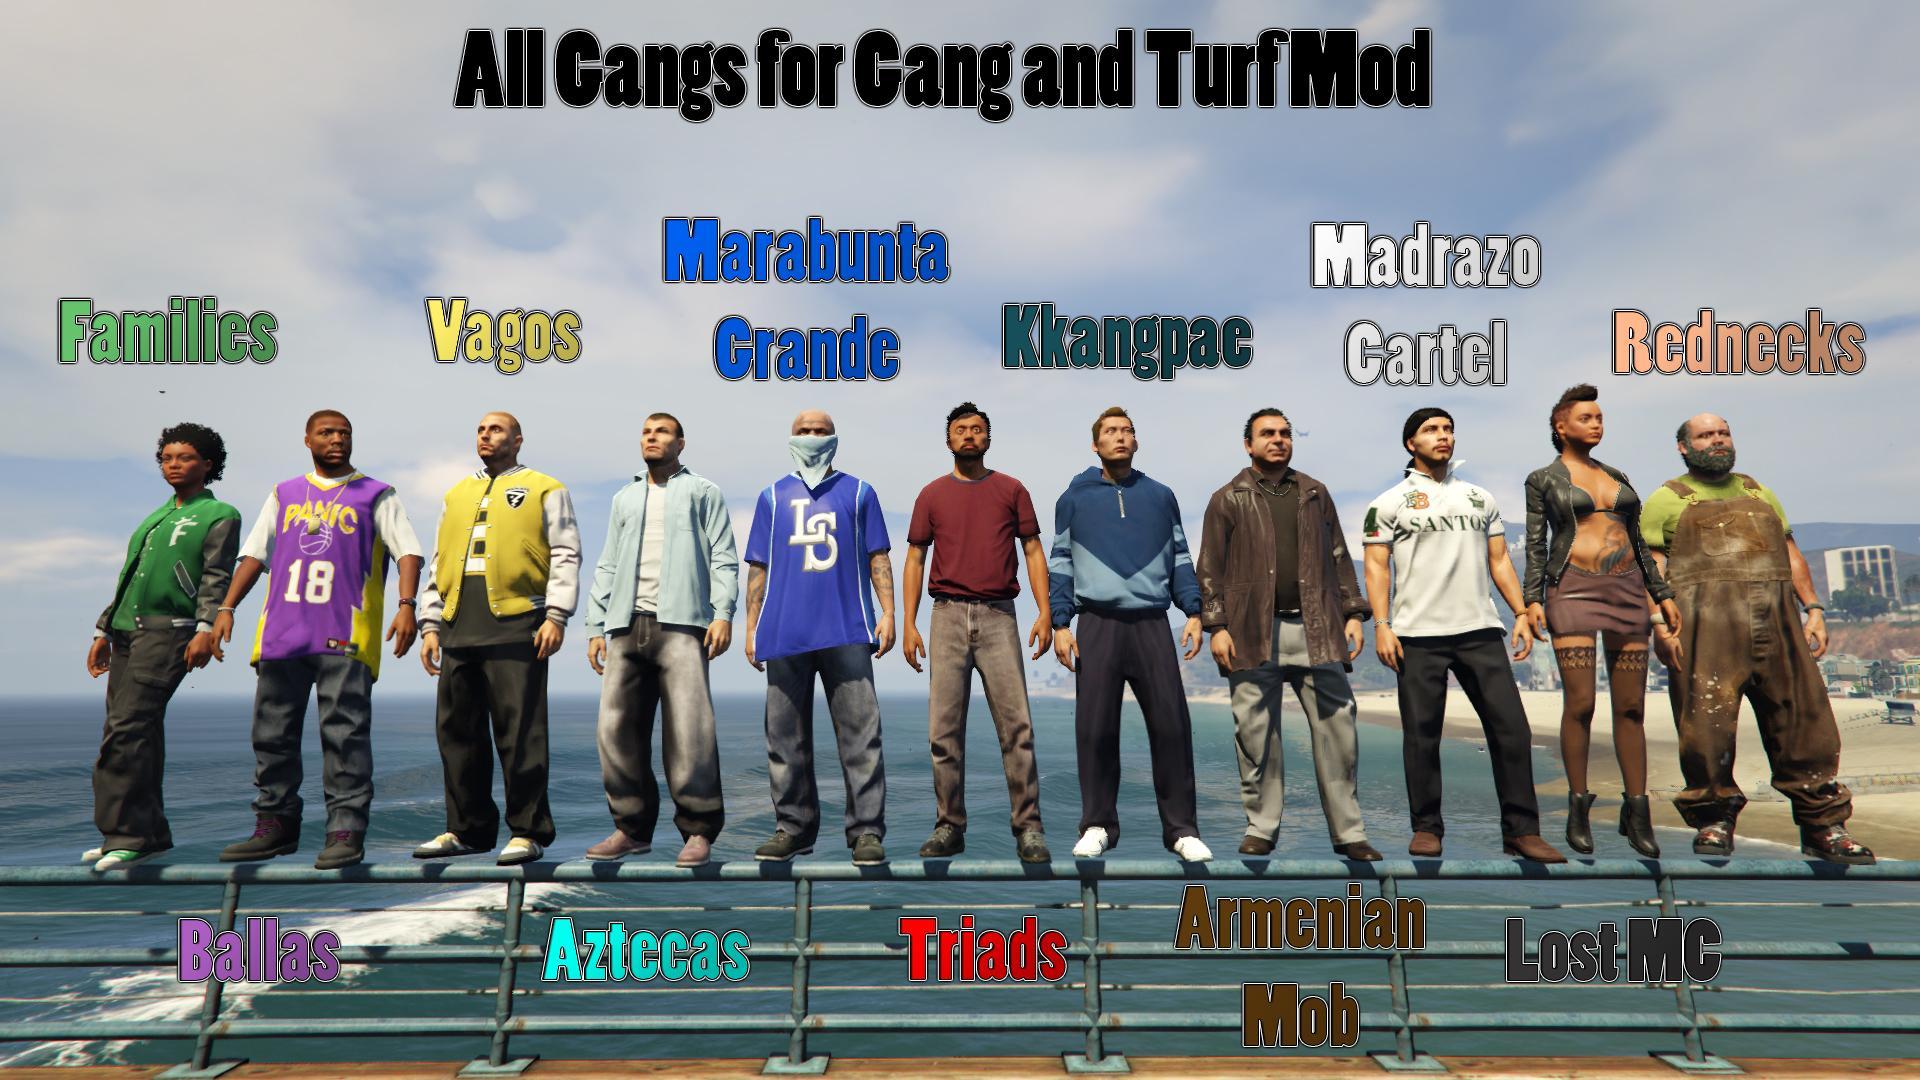 All Gangs for Gang and Turf Mod - GTA5-Mods.com